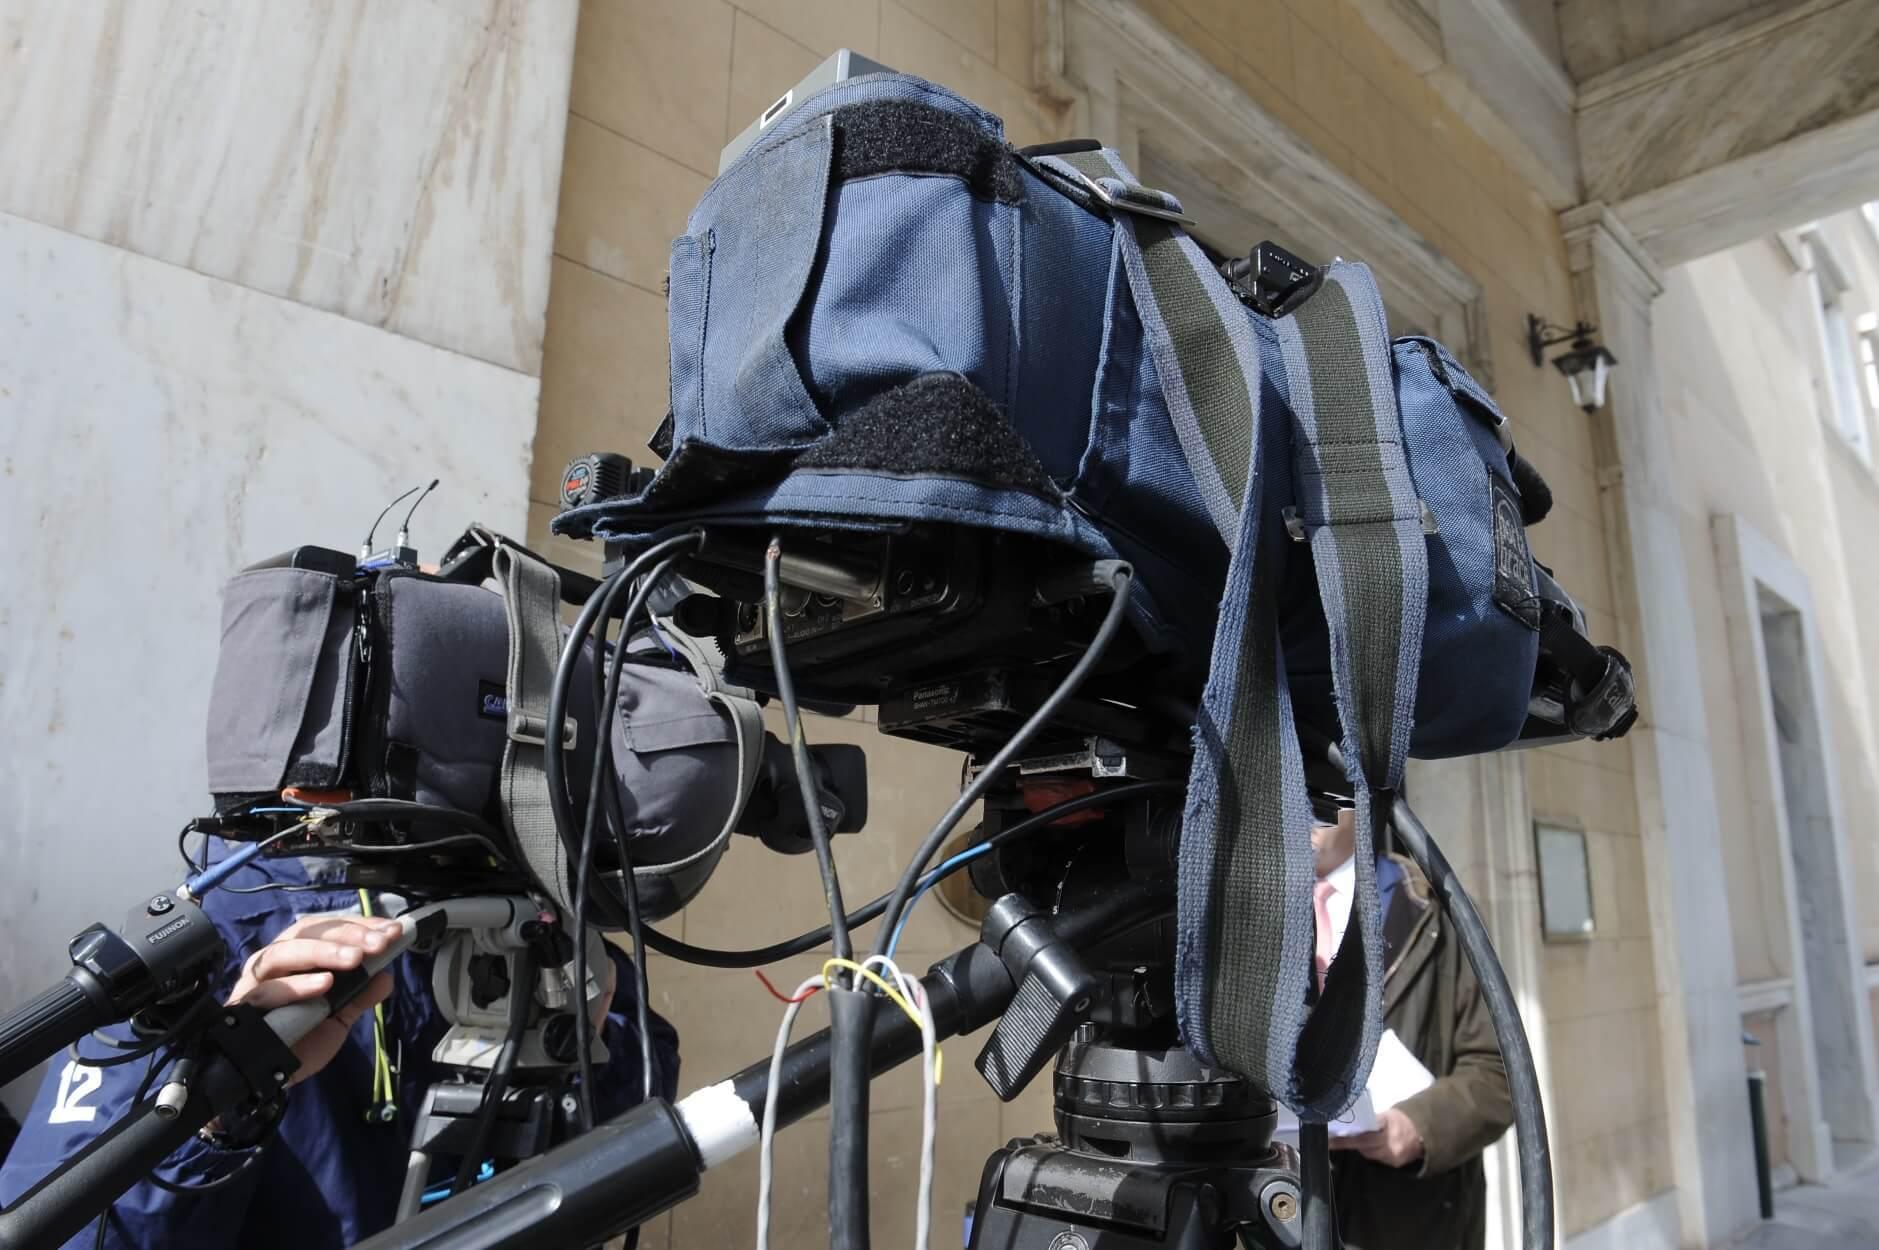 Τηλεοπτικές άδειες: Ενημέρωση στους ενδιαφερόμενους | Newsit.gr